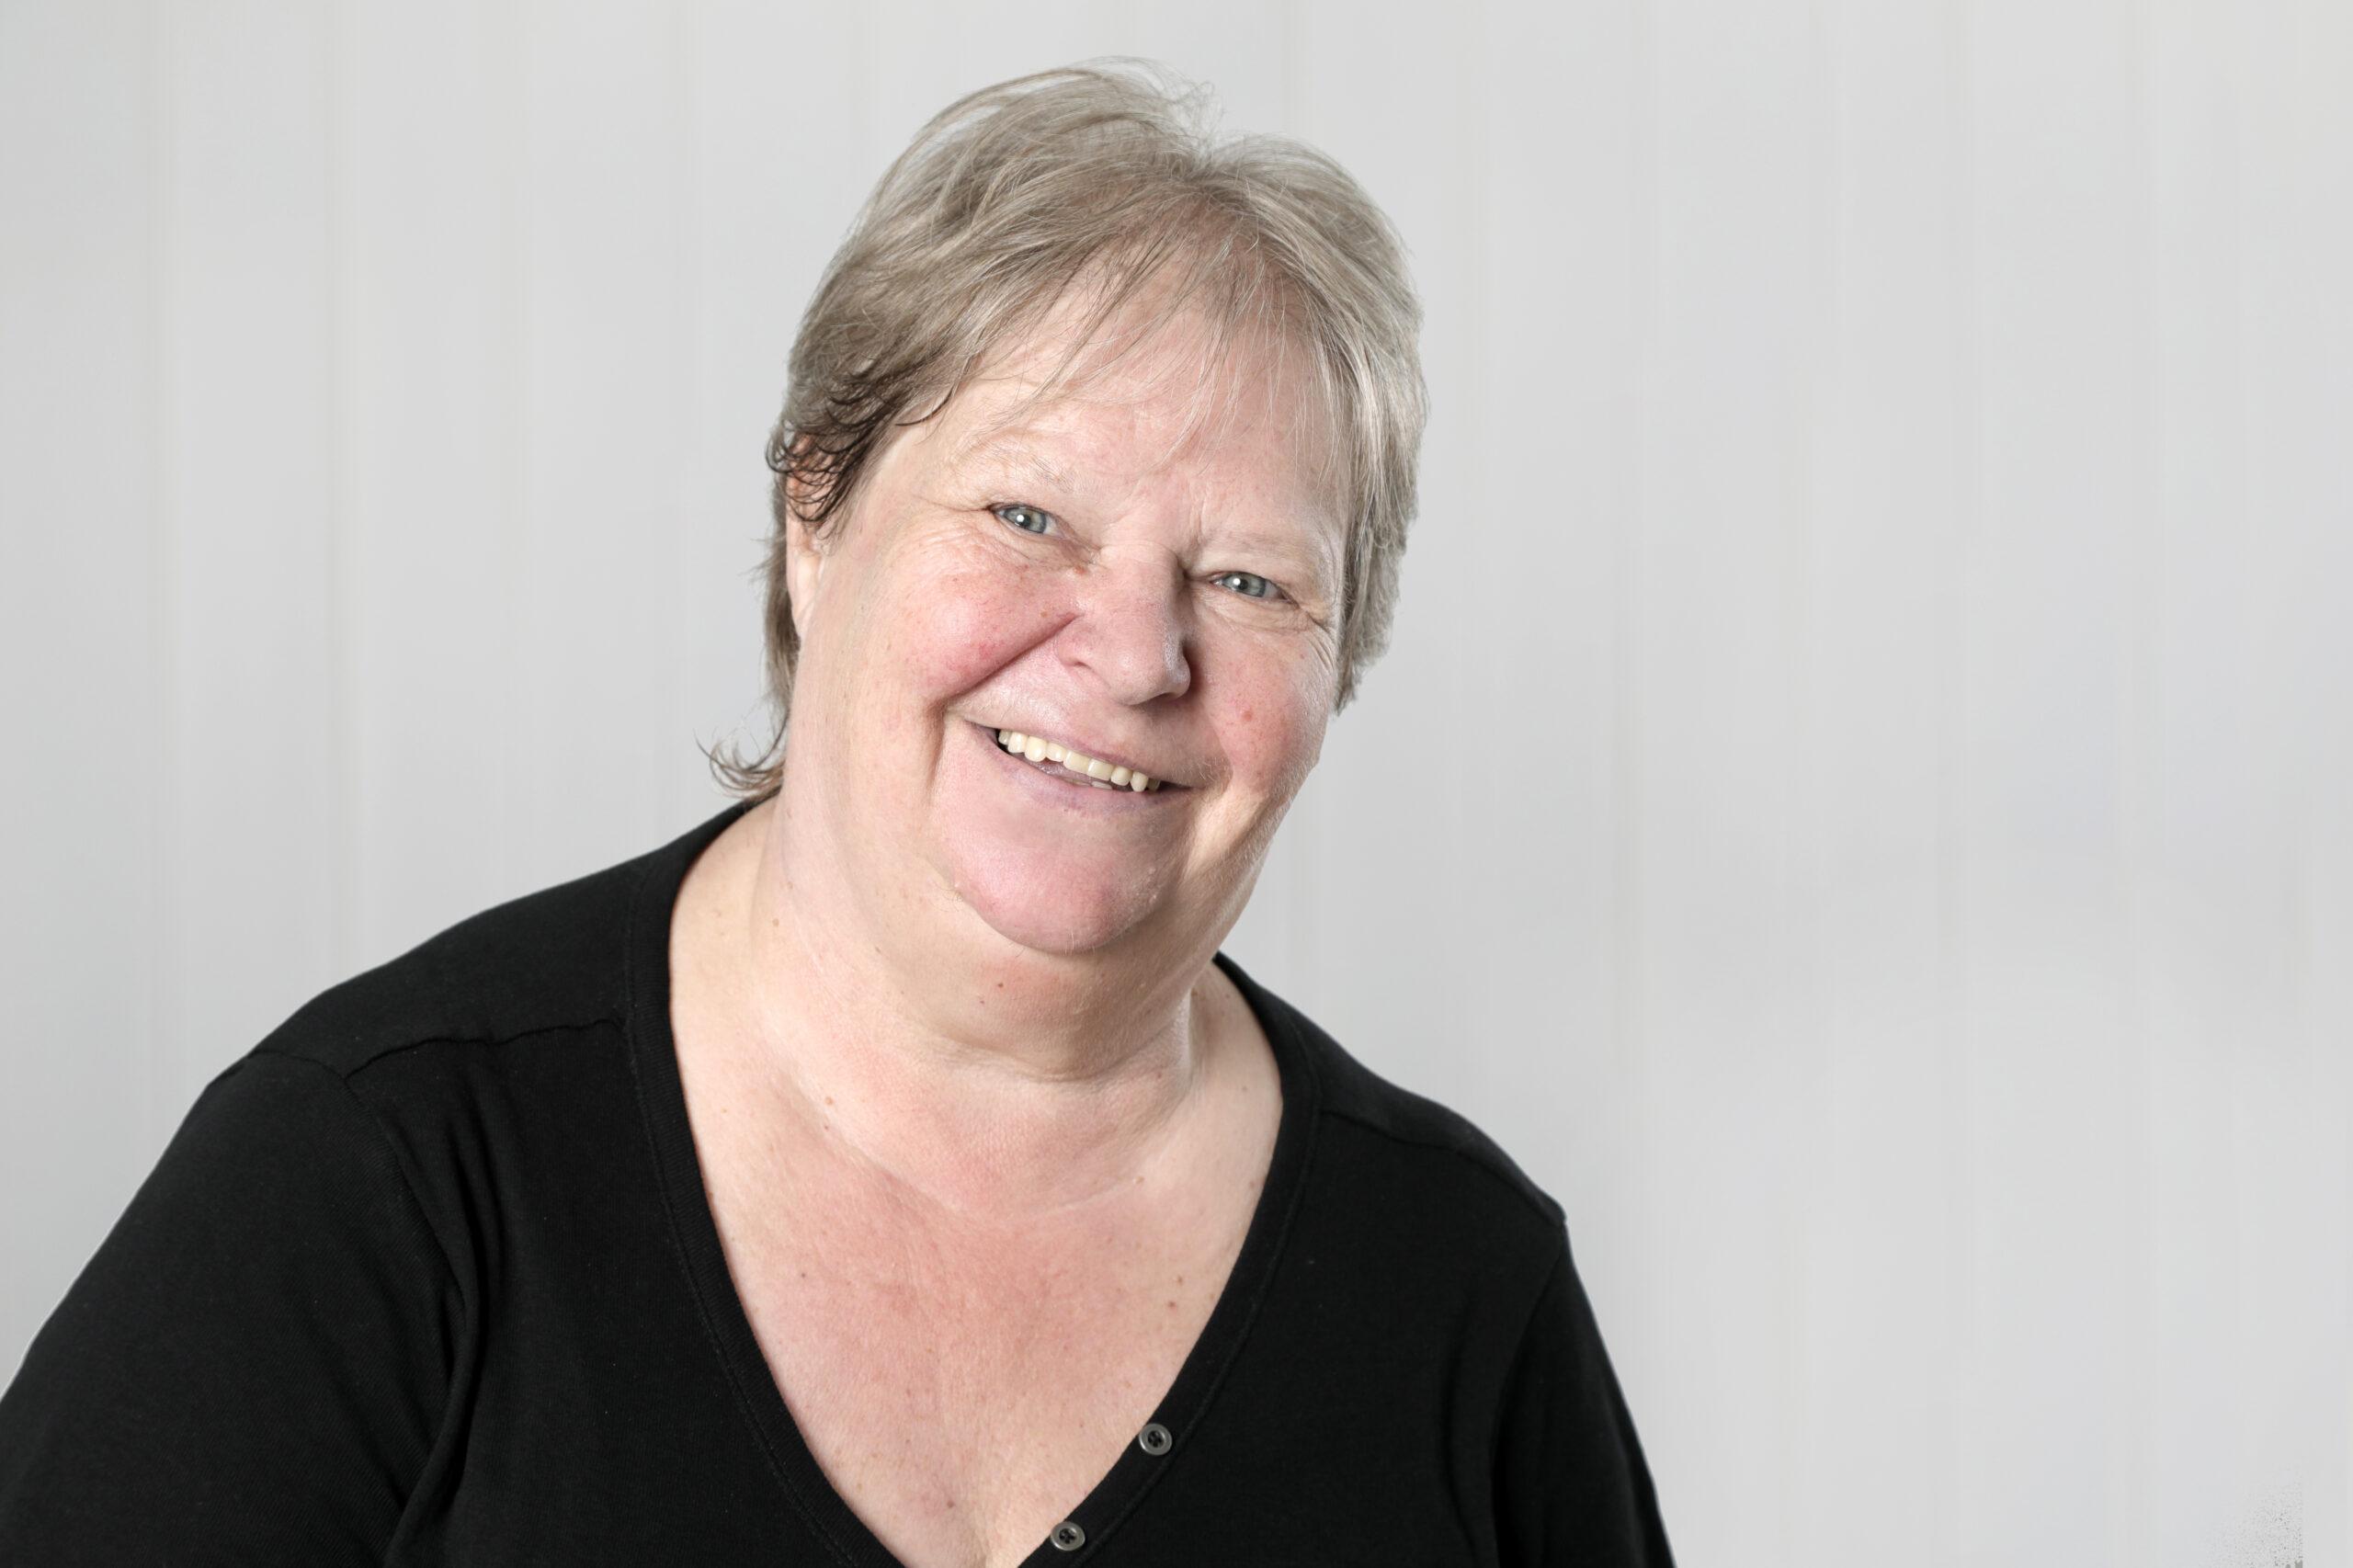 Doris Gagnaux